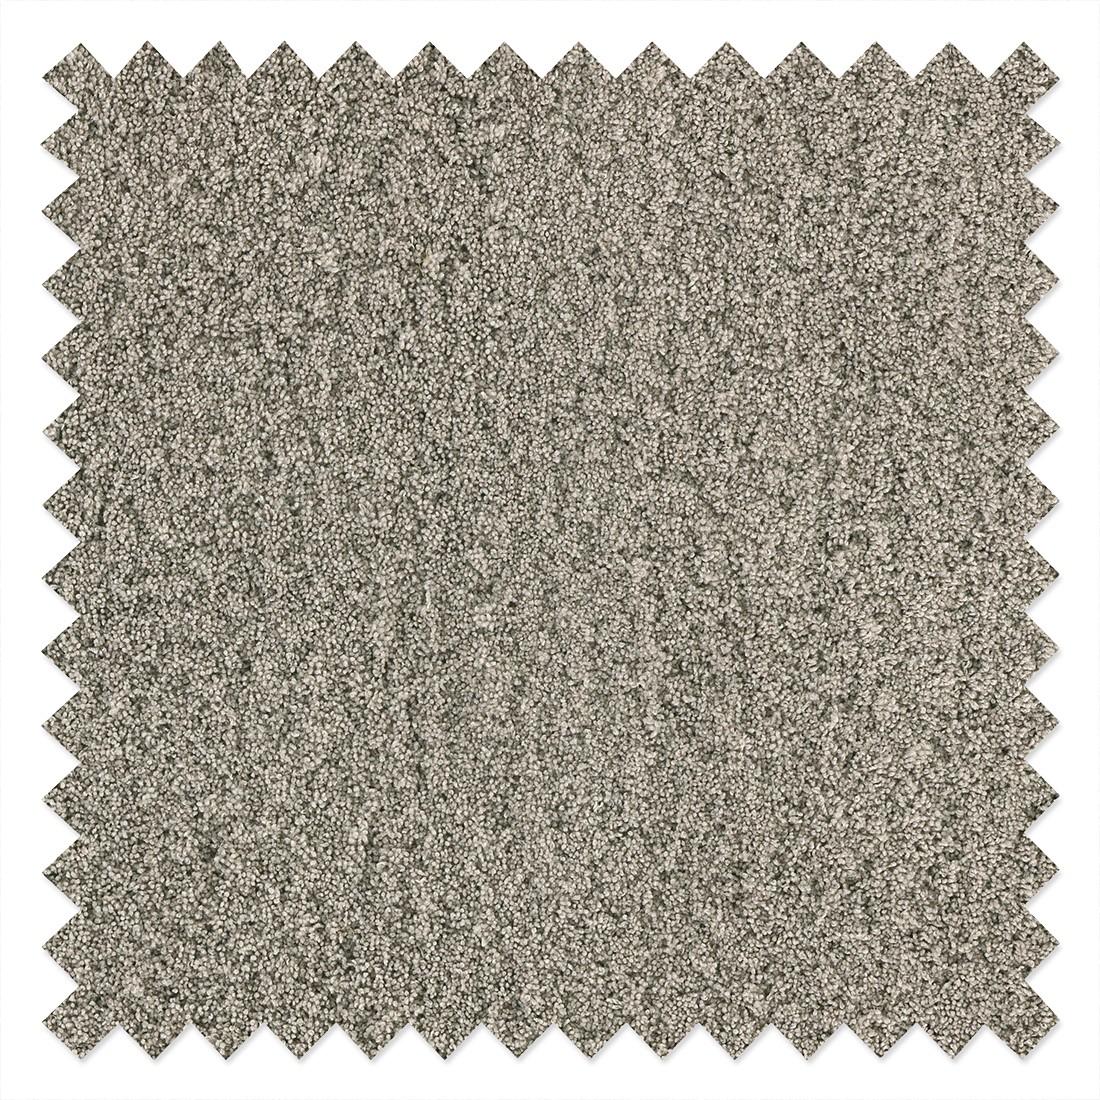 Teppich Livorno – Grau – 70 x 140 cm, Astra – MAR001065